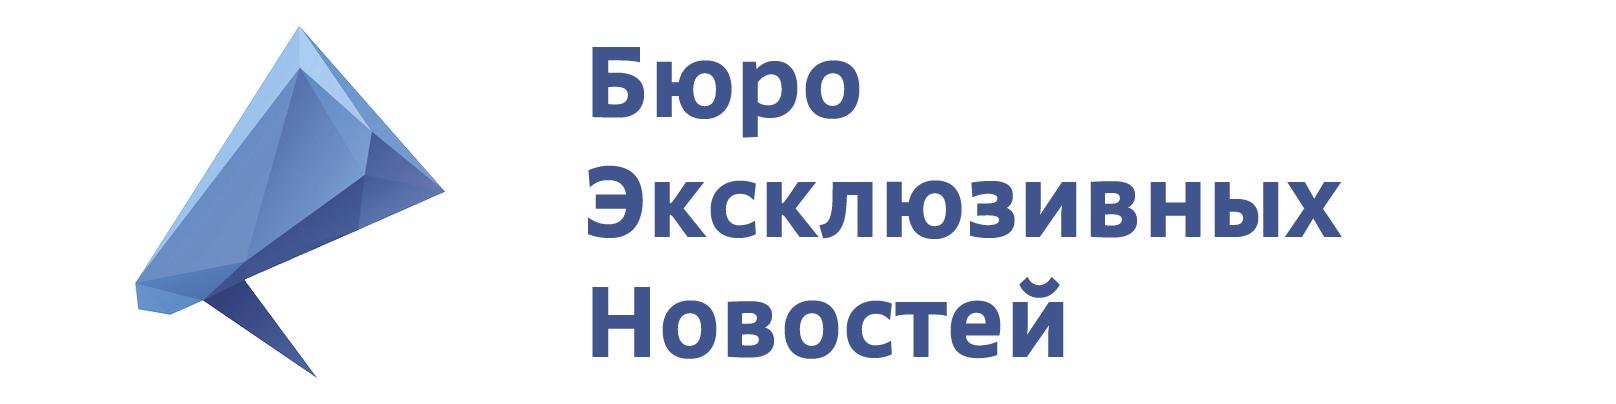 Бюро Эксклюзивных Новостей